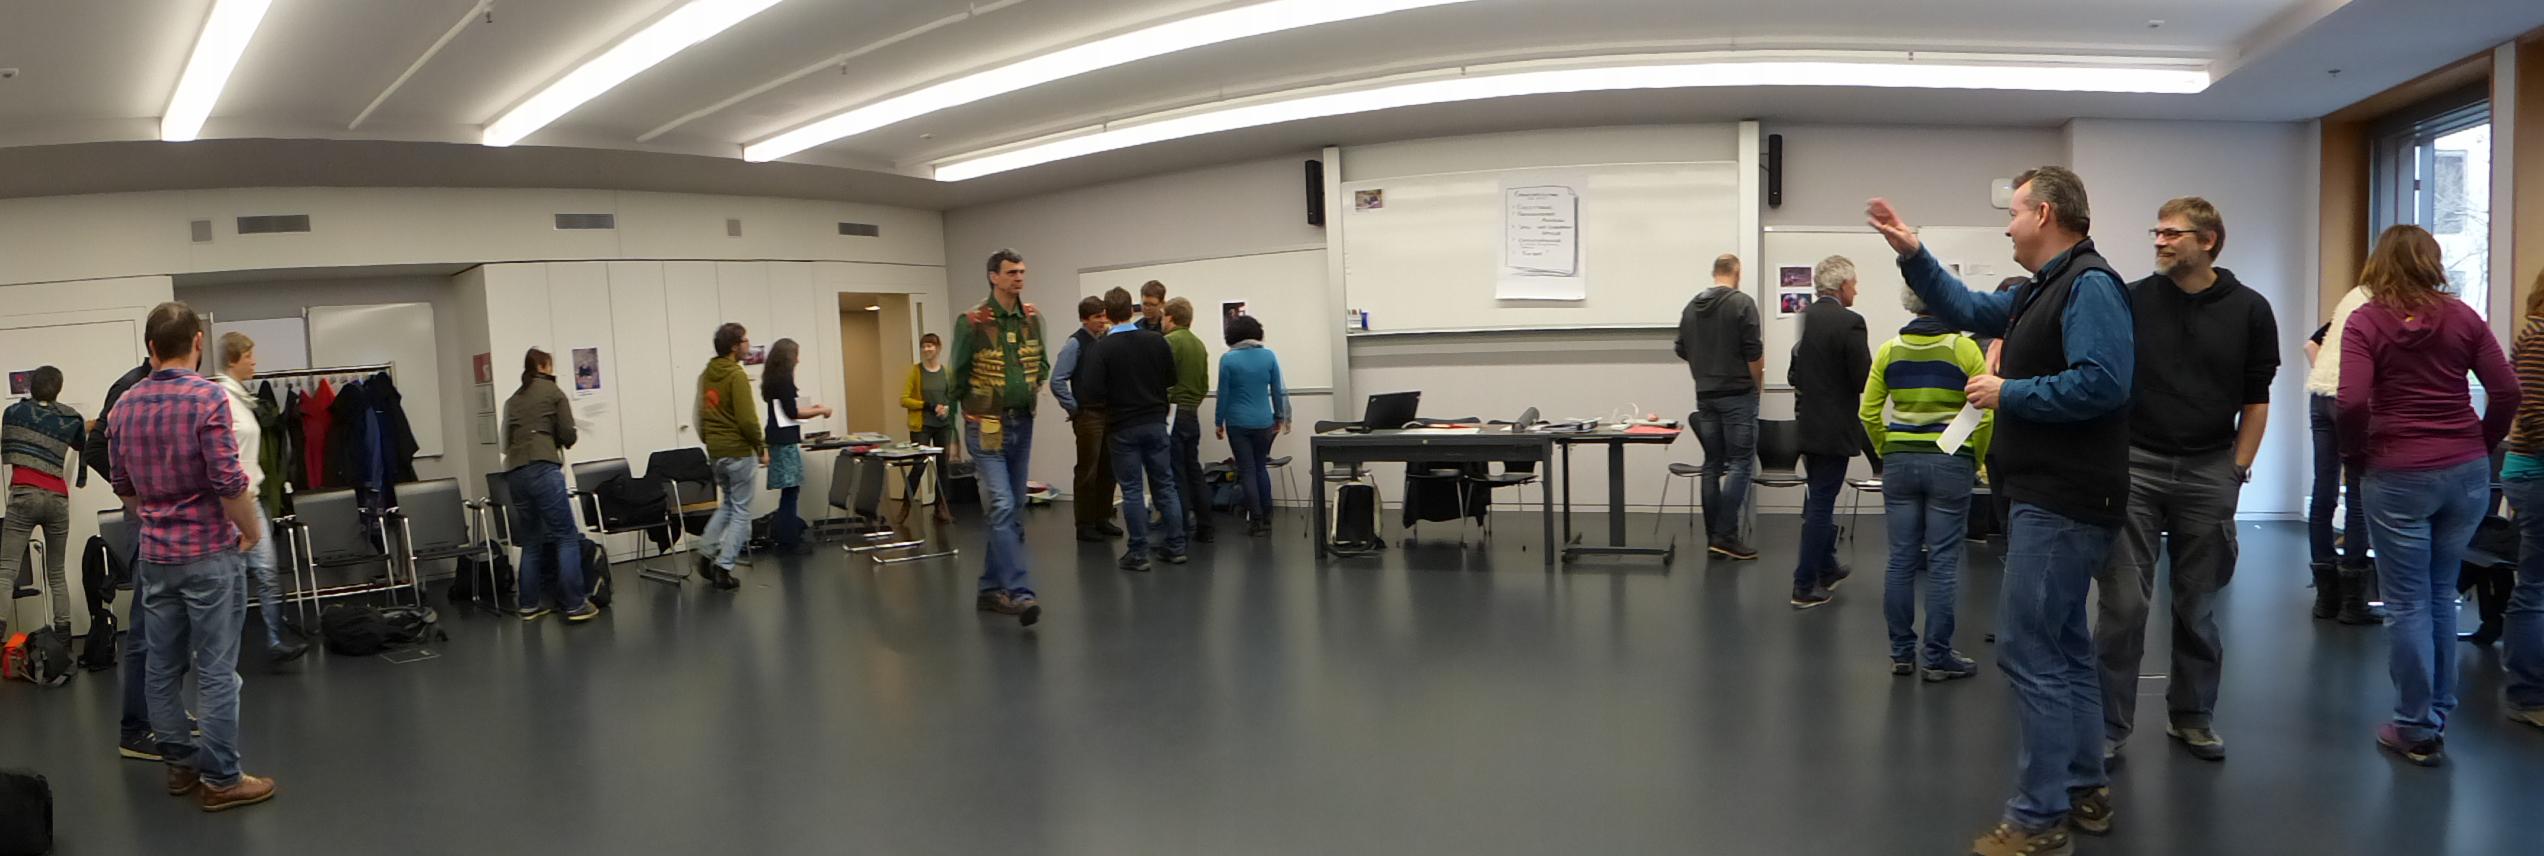 In den Räumlichkeiten der PH Zürich fanden die verschiedenen Interventionen der Akteure statt